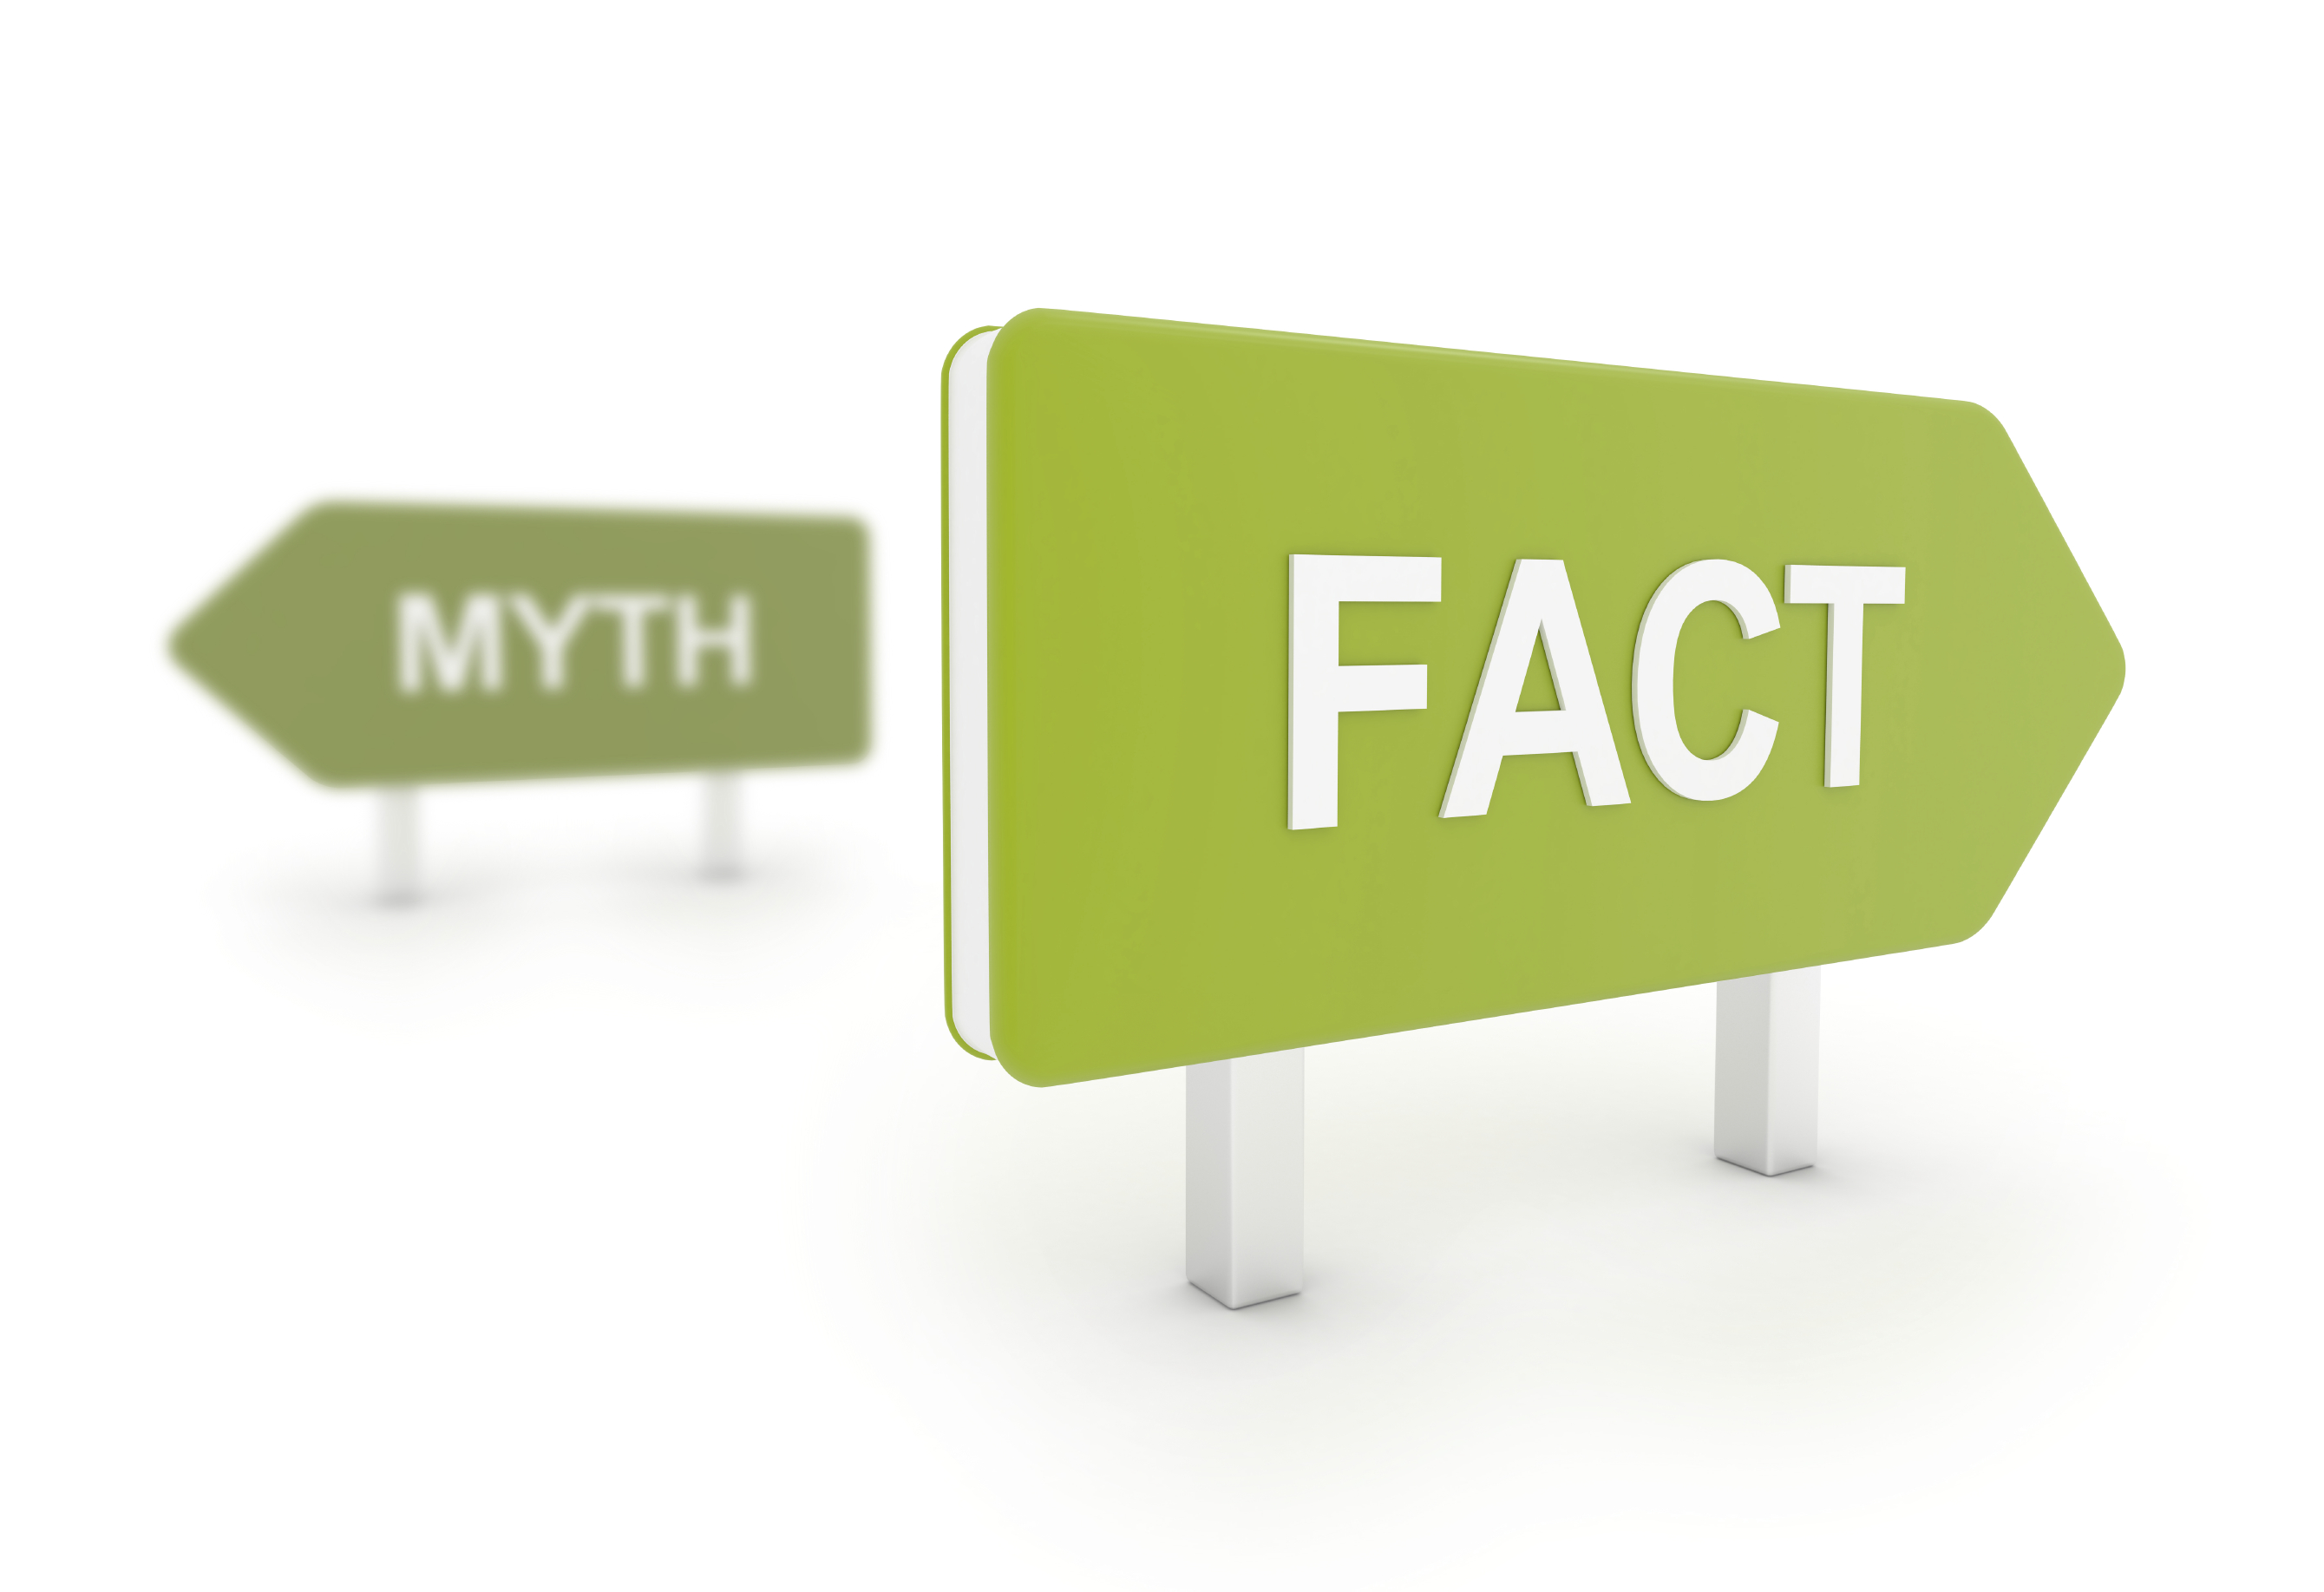 Fact sign